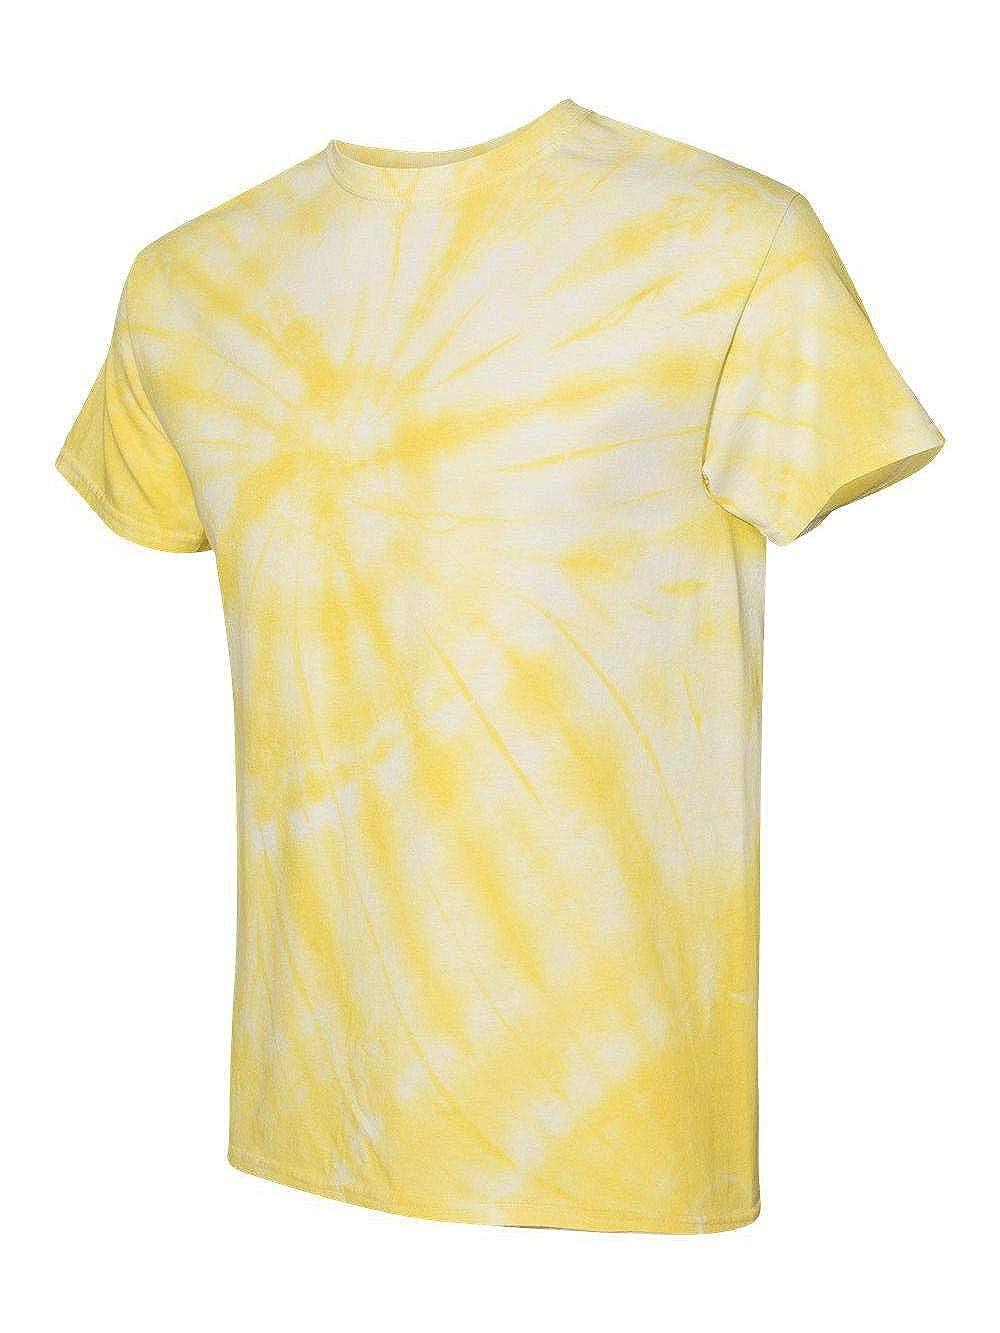 Dyenomite Tie Dye Cyclone Design T